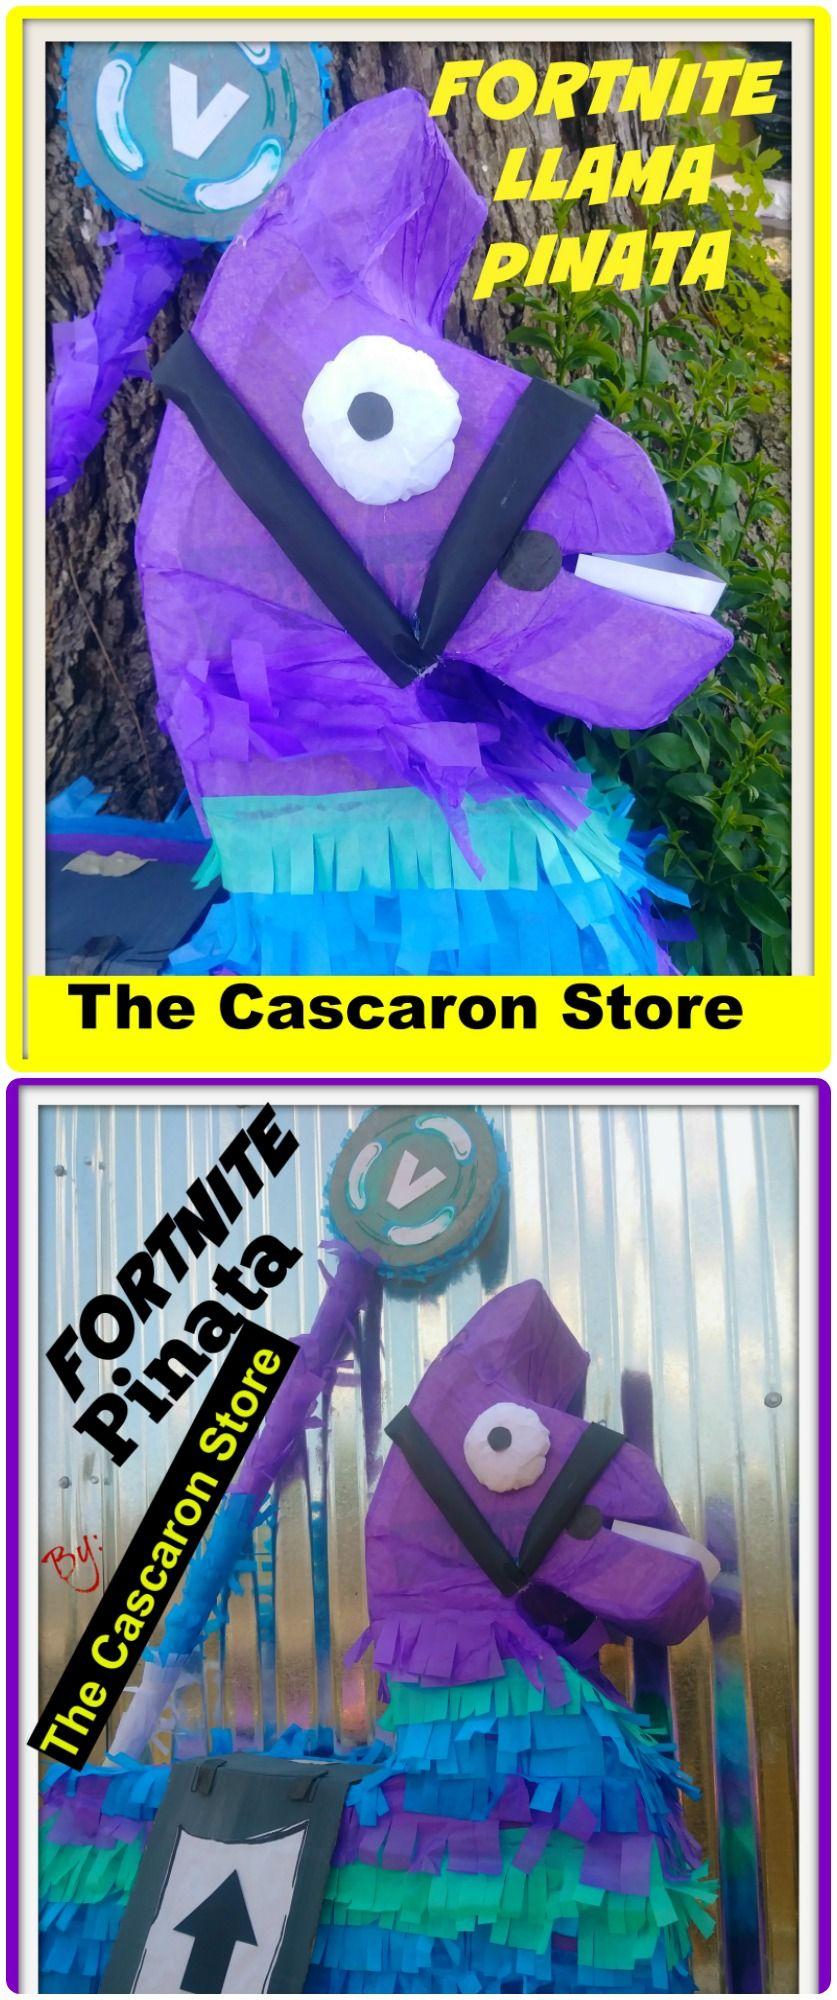 llama pinata, Fortnite pinata, Birthday ideas, custom pinatas, party